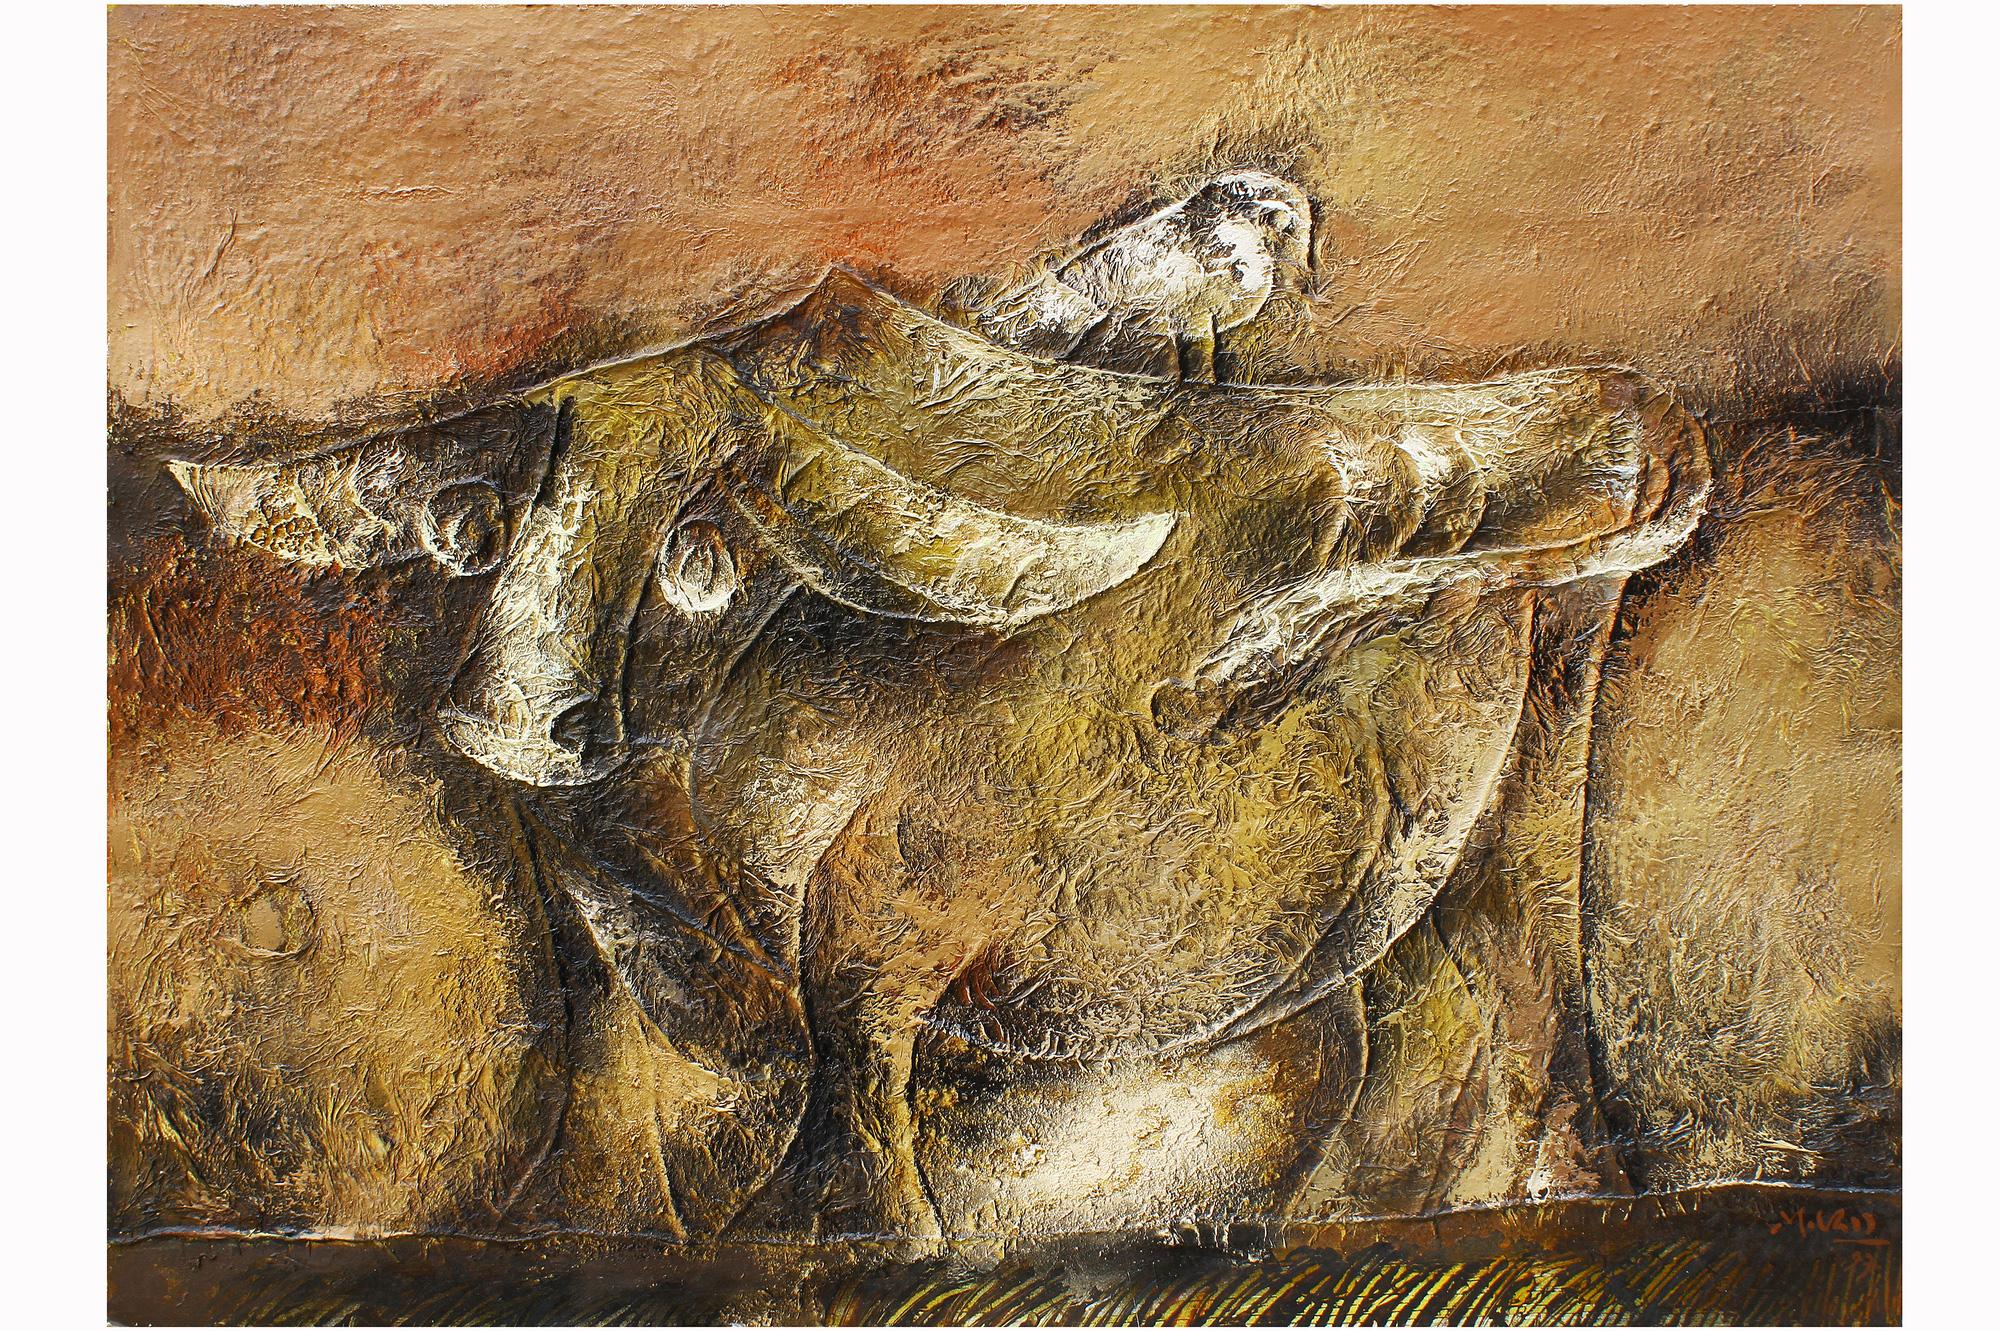 """Khai mạc trực tuyến triển lãm """"Chăn nuôi dưới góc nhìn nghệ thuật"""" - Ảnh 5."""